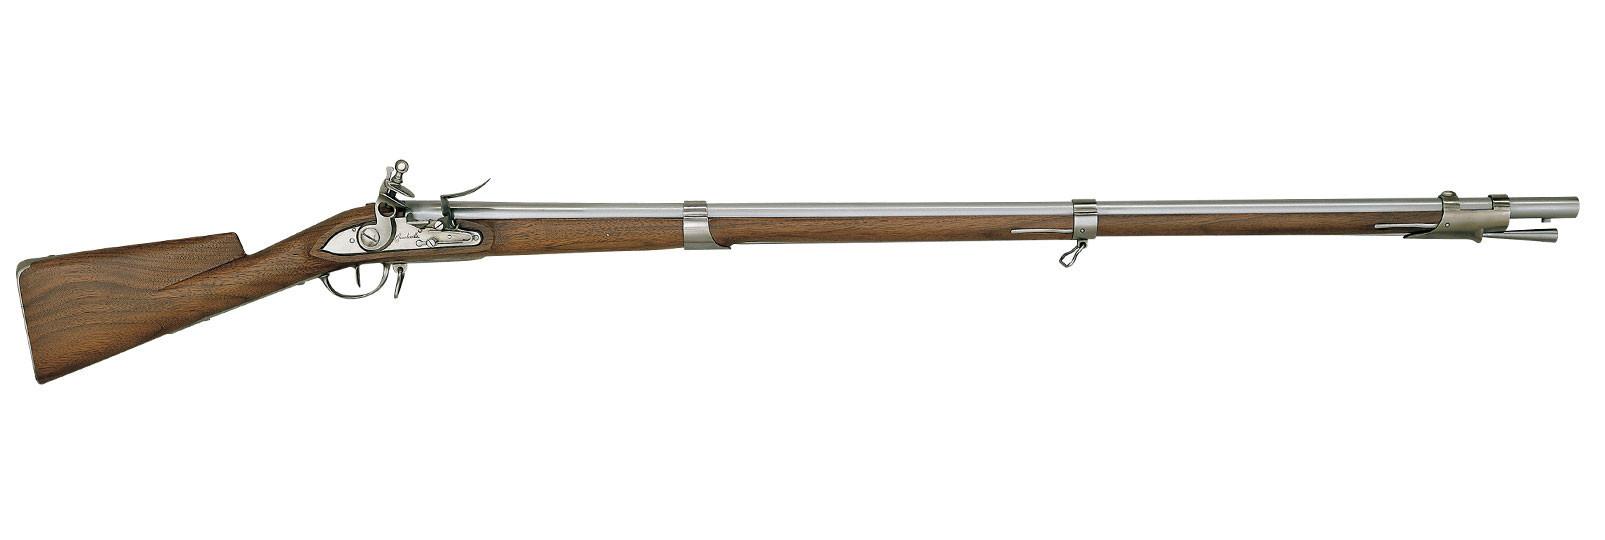 1766 charleville cal. 17,5mm(.69)